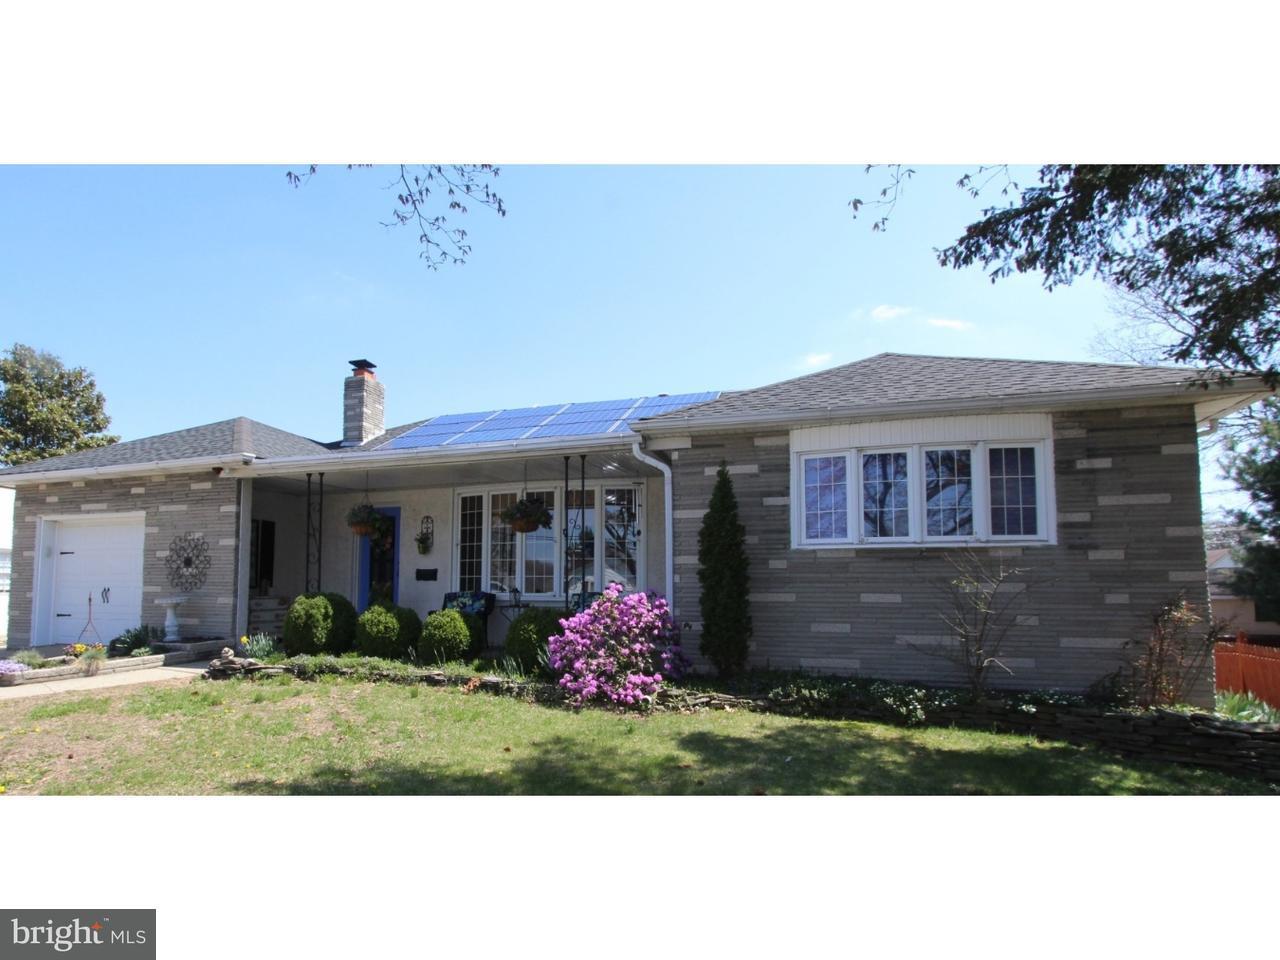 Частный односемейный дом для того Продажа на 86 MORSE Avenue Gibbstown, Нью-Джерси 08027 Соединенные Штаты